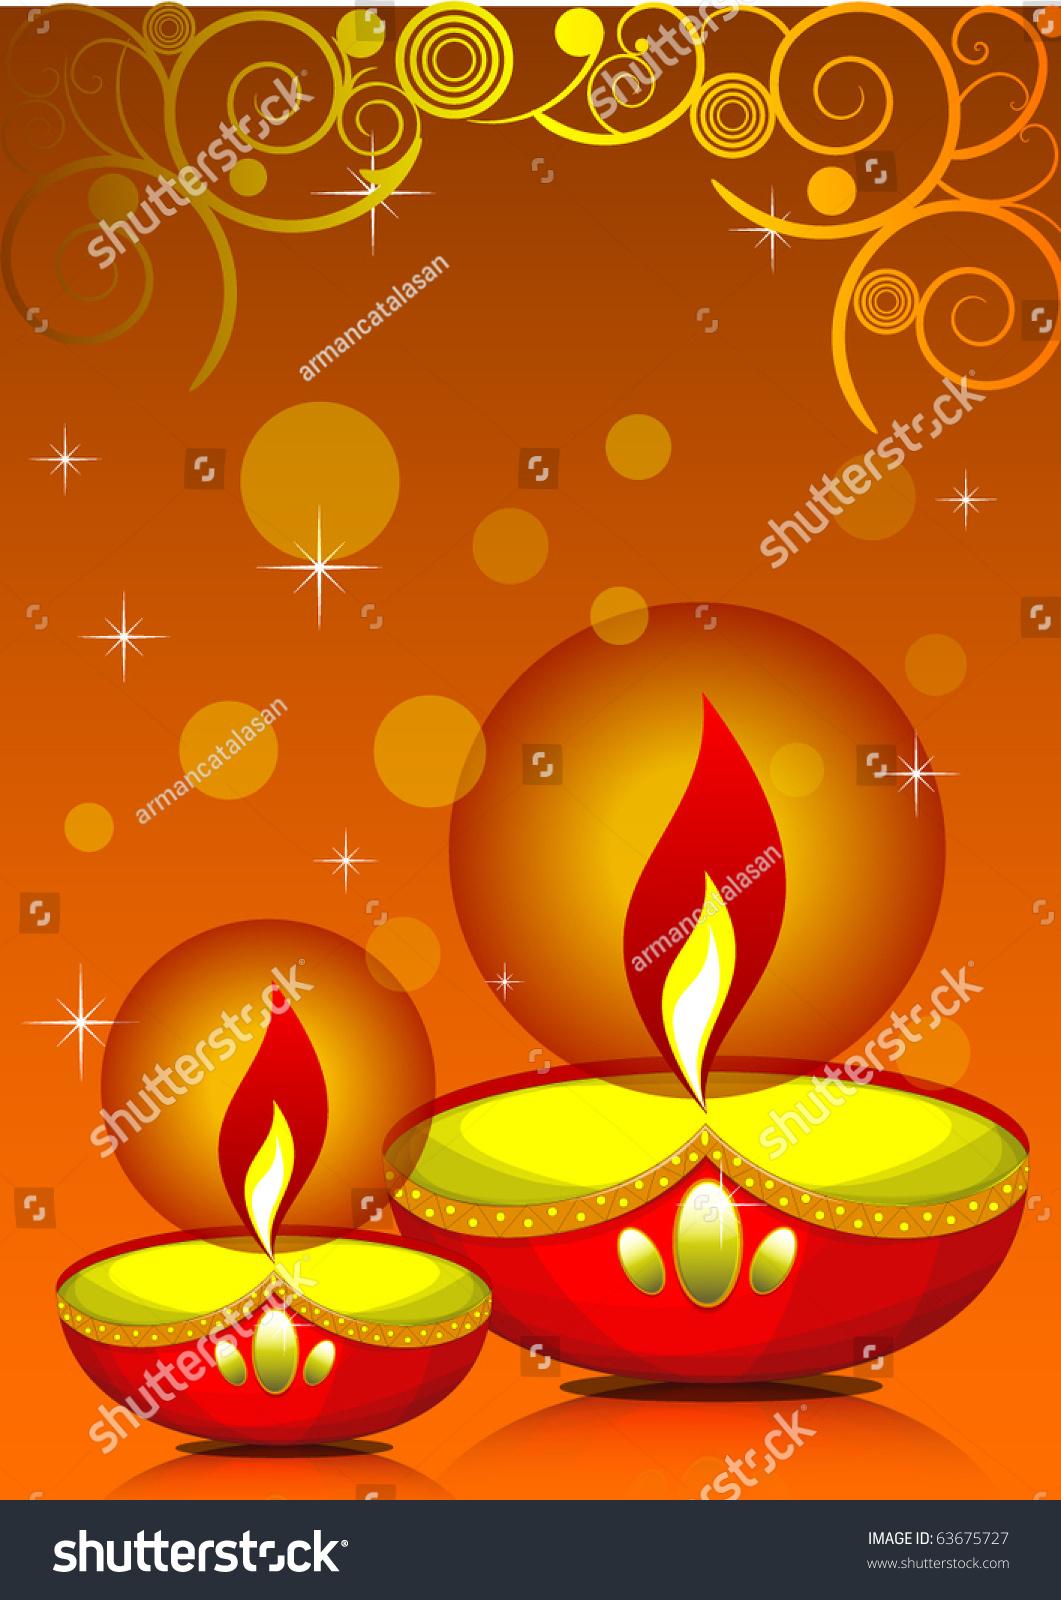 Diwali Greetings Stock Vector 2018 63675727 Shutterstock